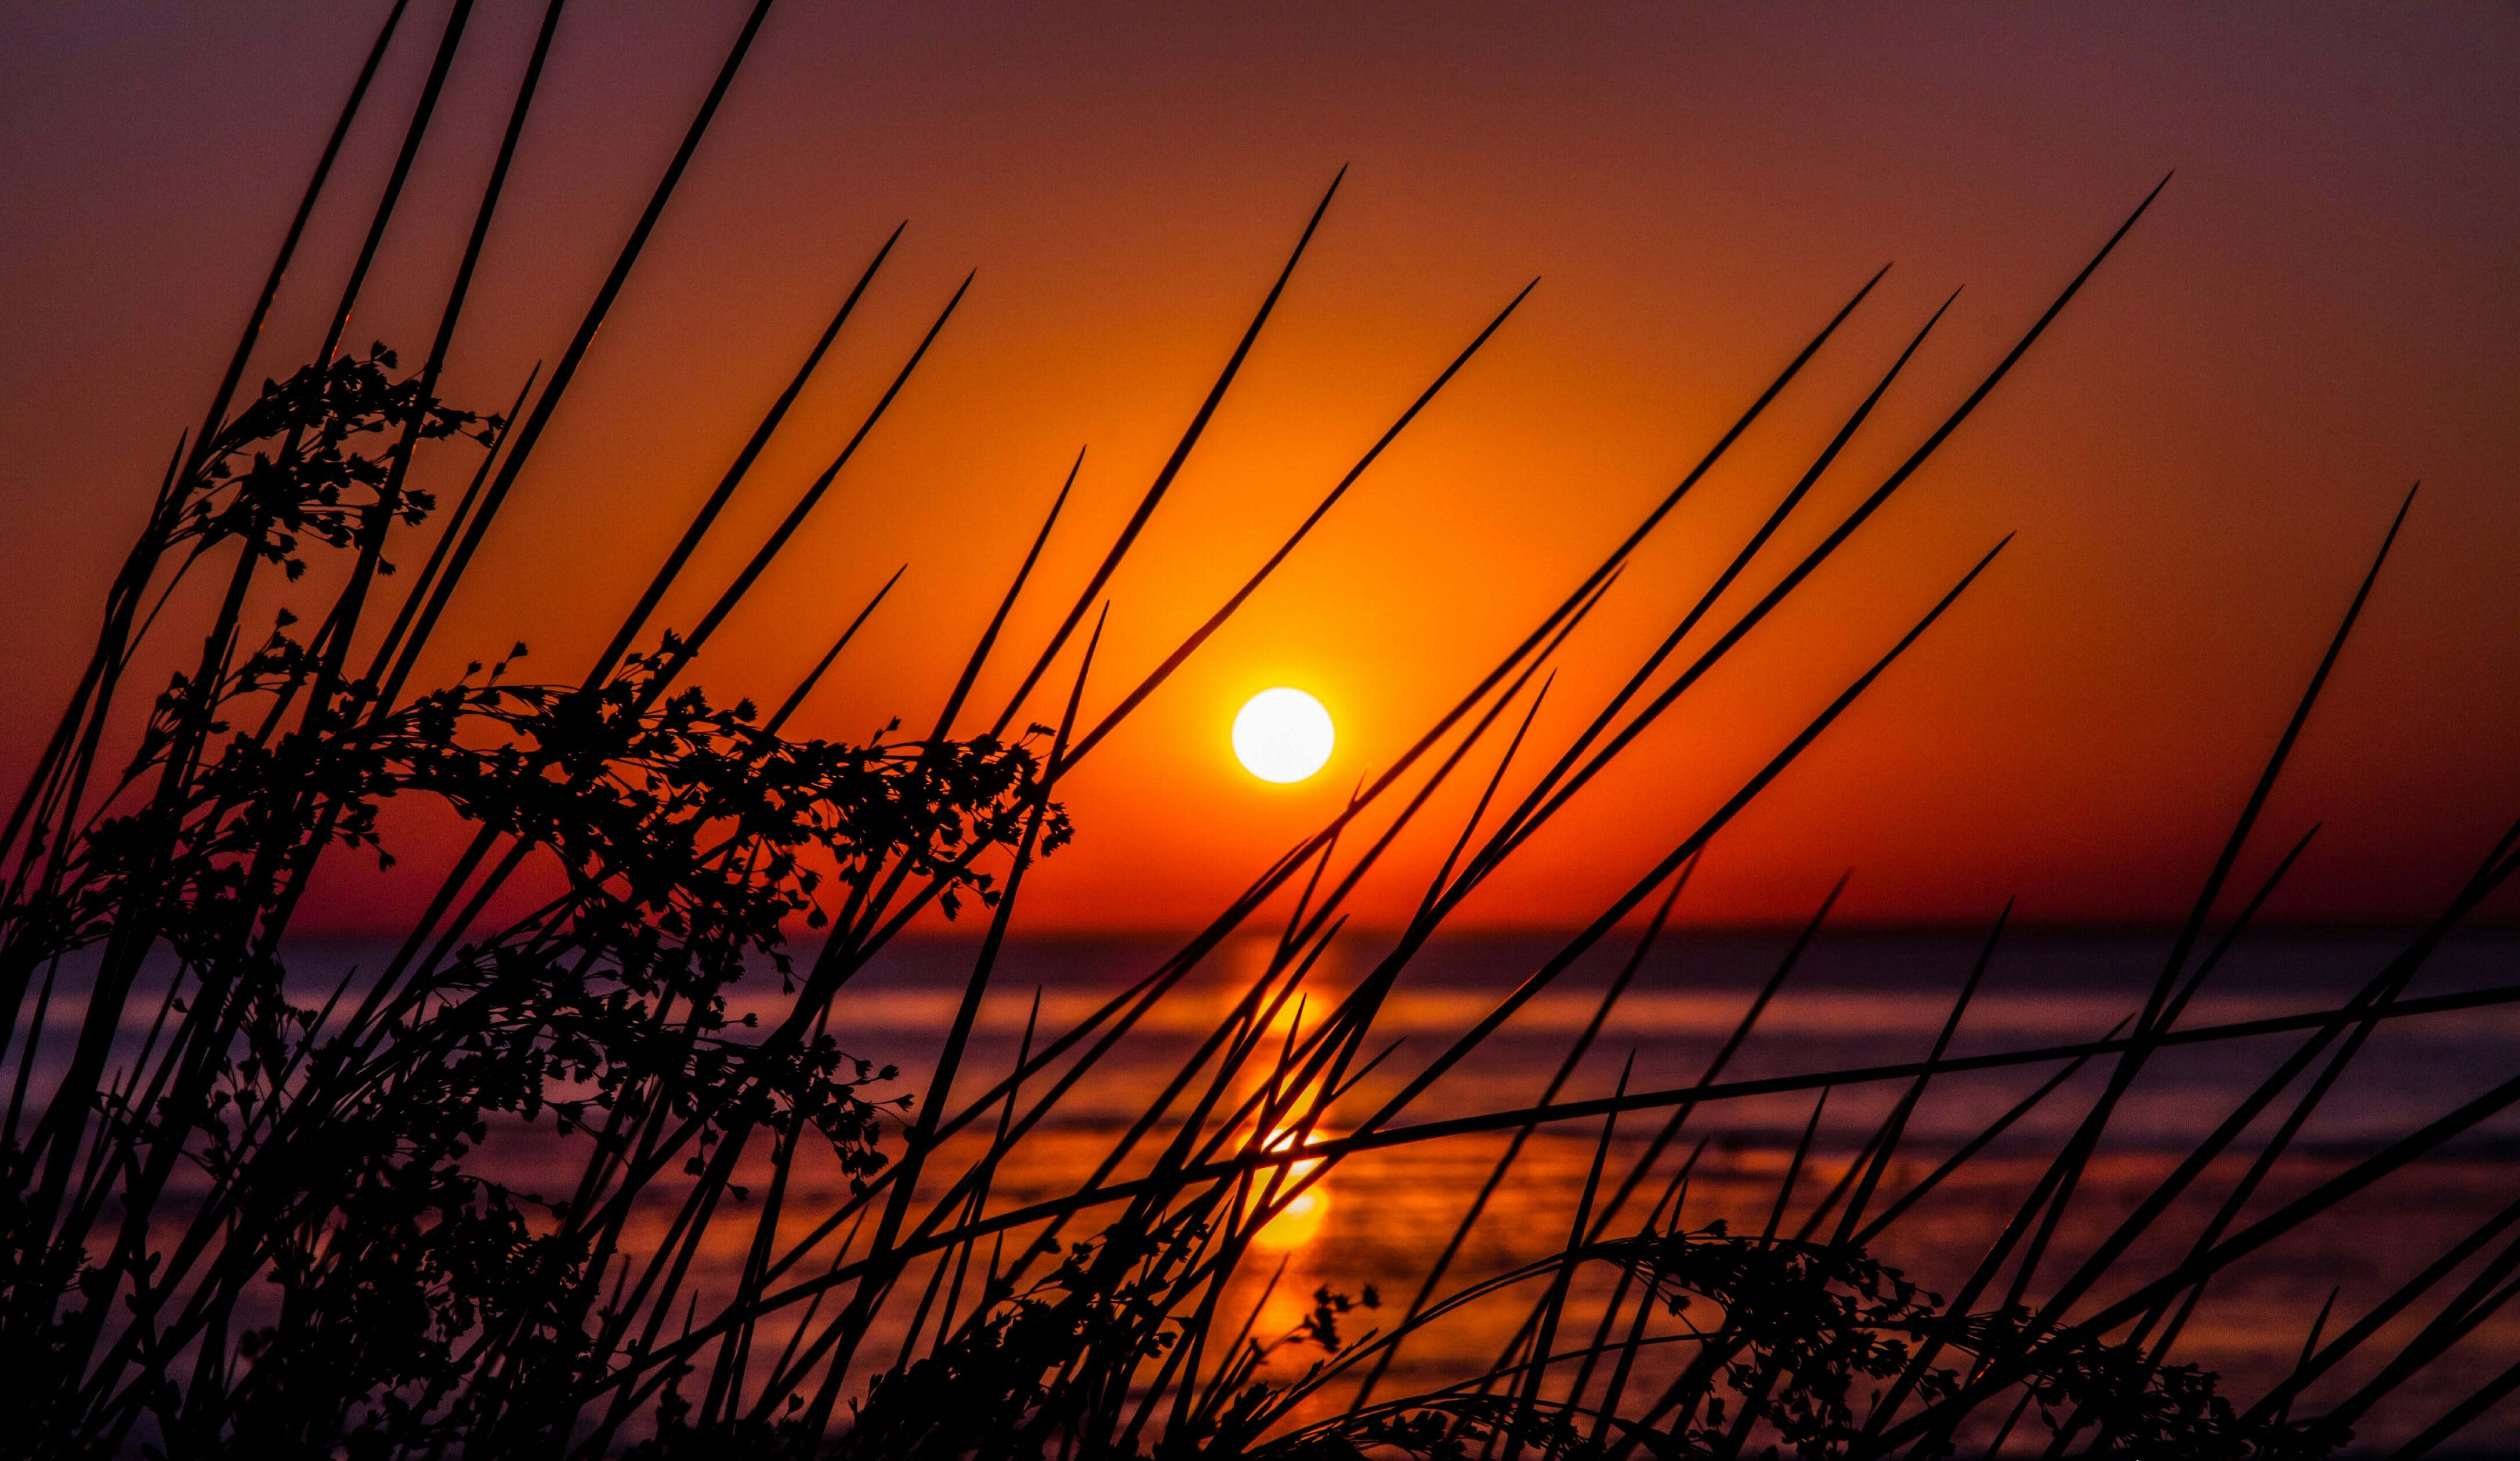 Free stock photo of sunrise, sunset